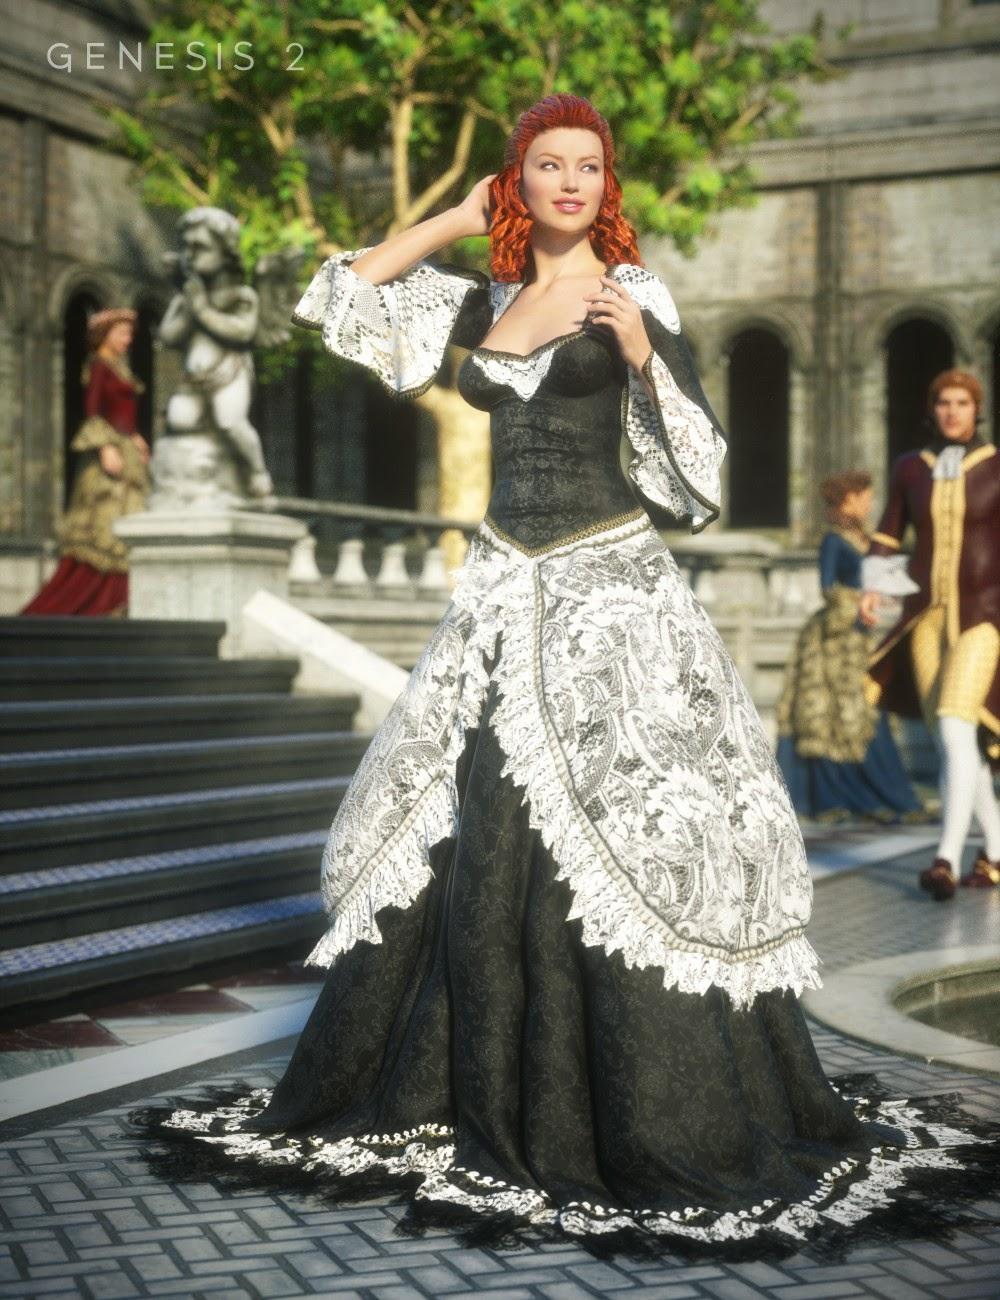 Grande salle de bal Robe Textures